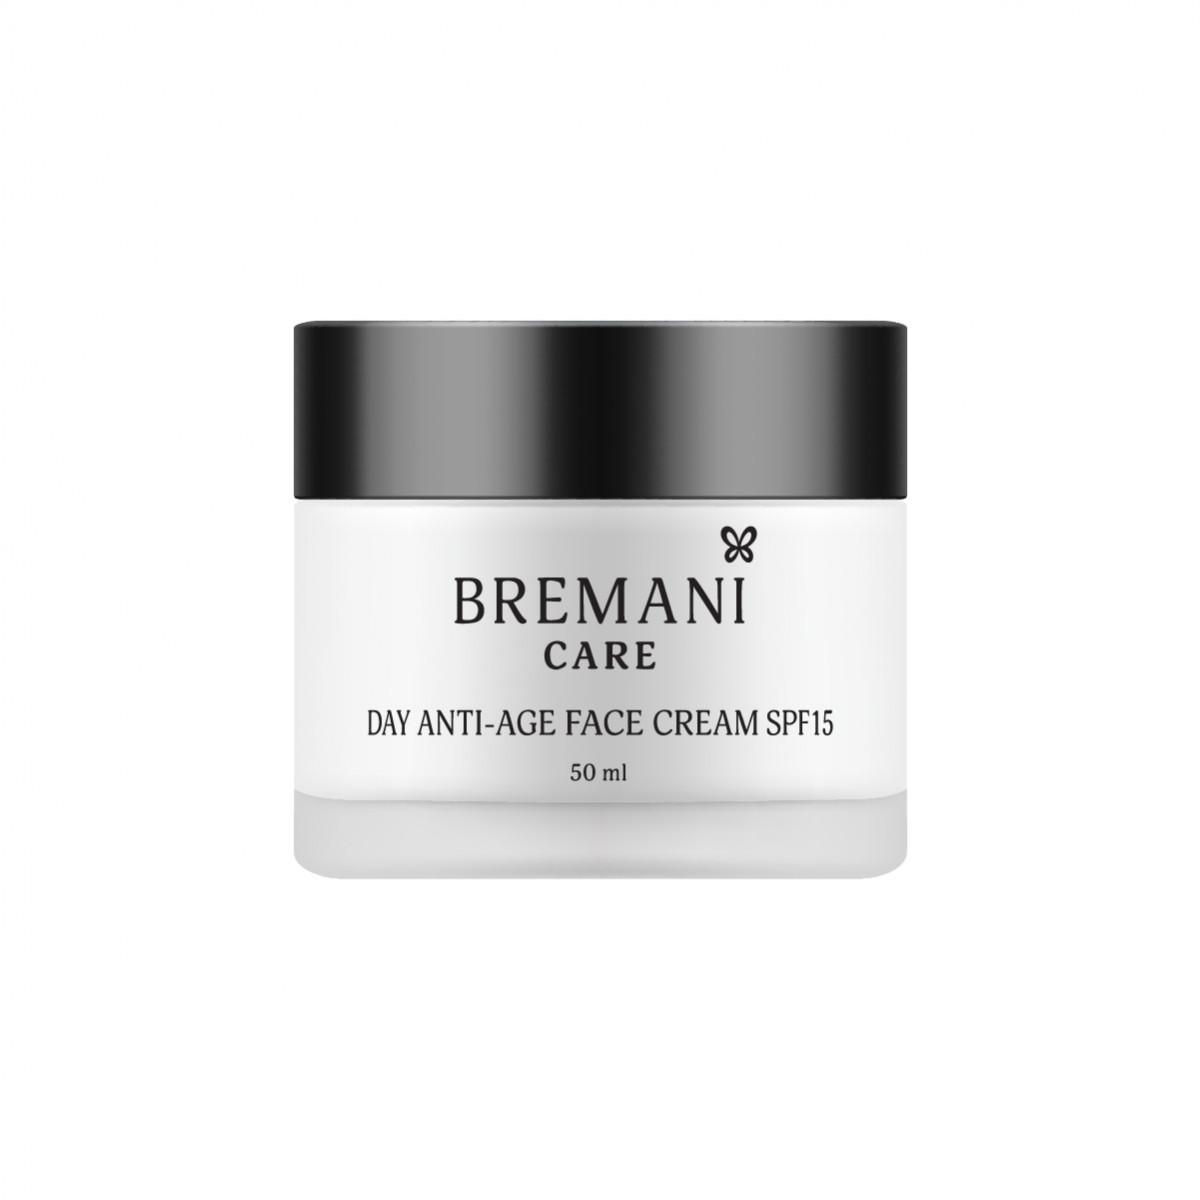 Day Anti-age Face Cream SPF 15 40+ Денний омолоджуючий крем для обличчя spf 15 40+, Bremani